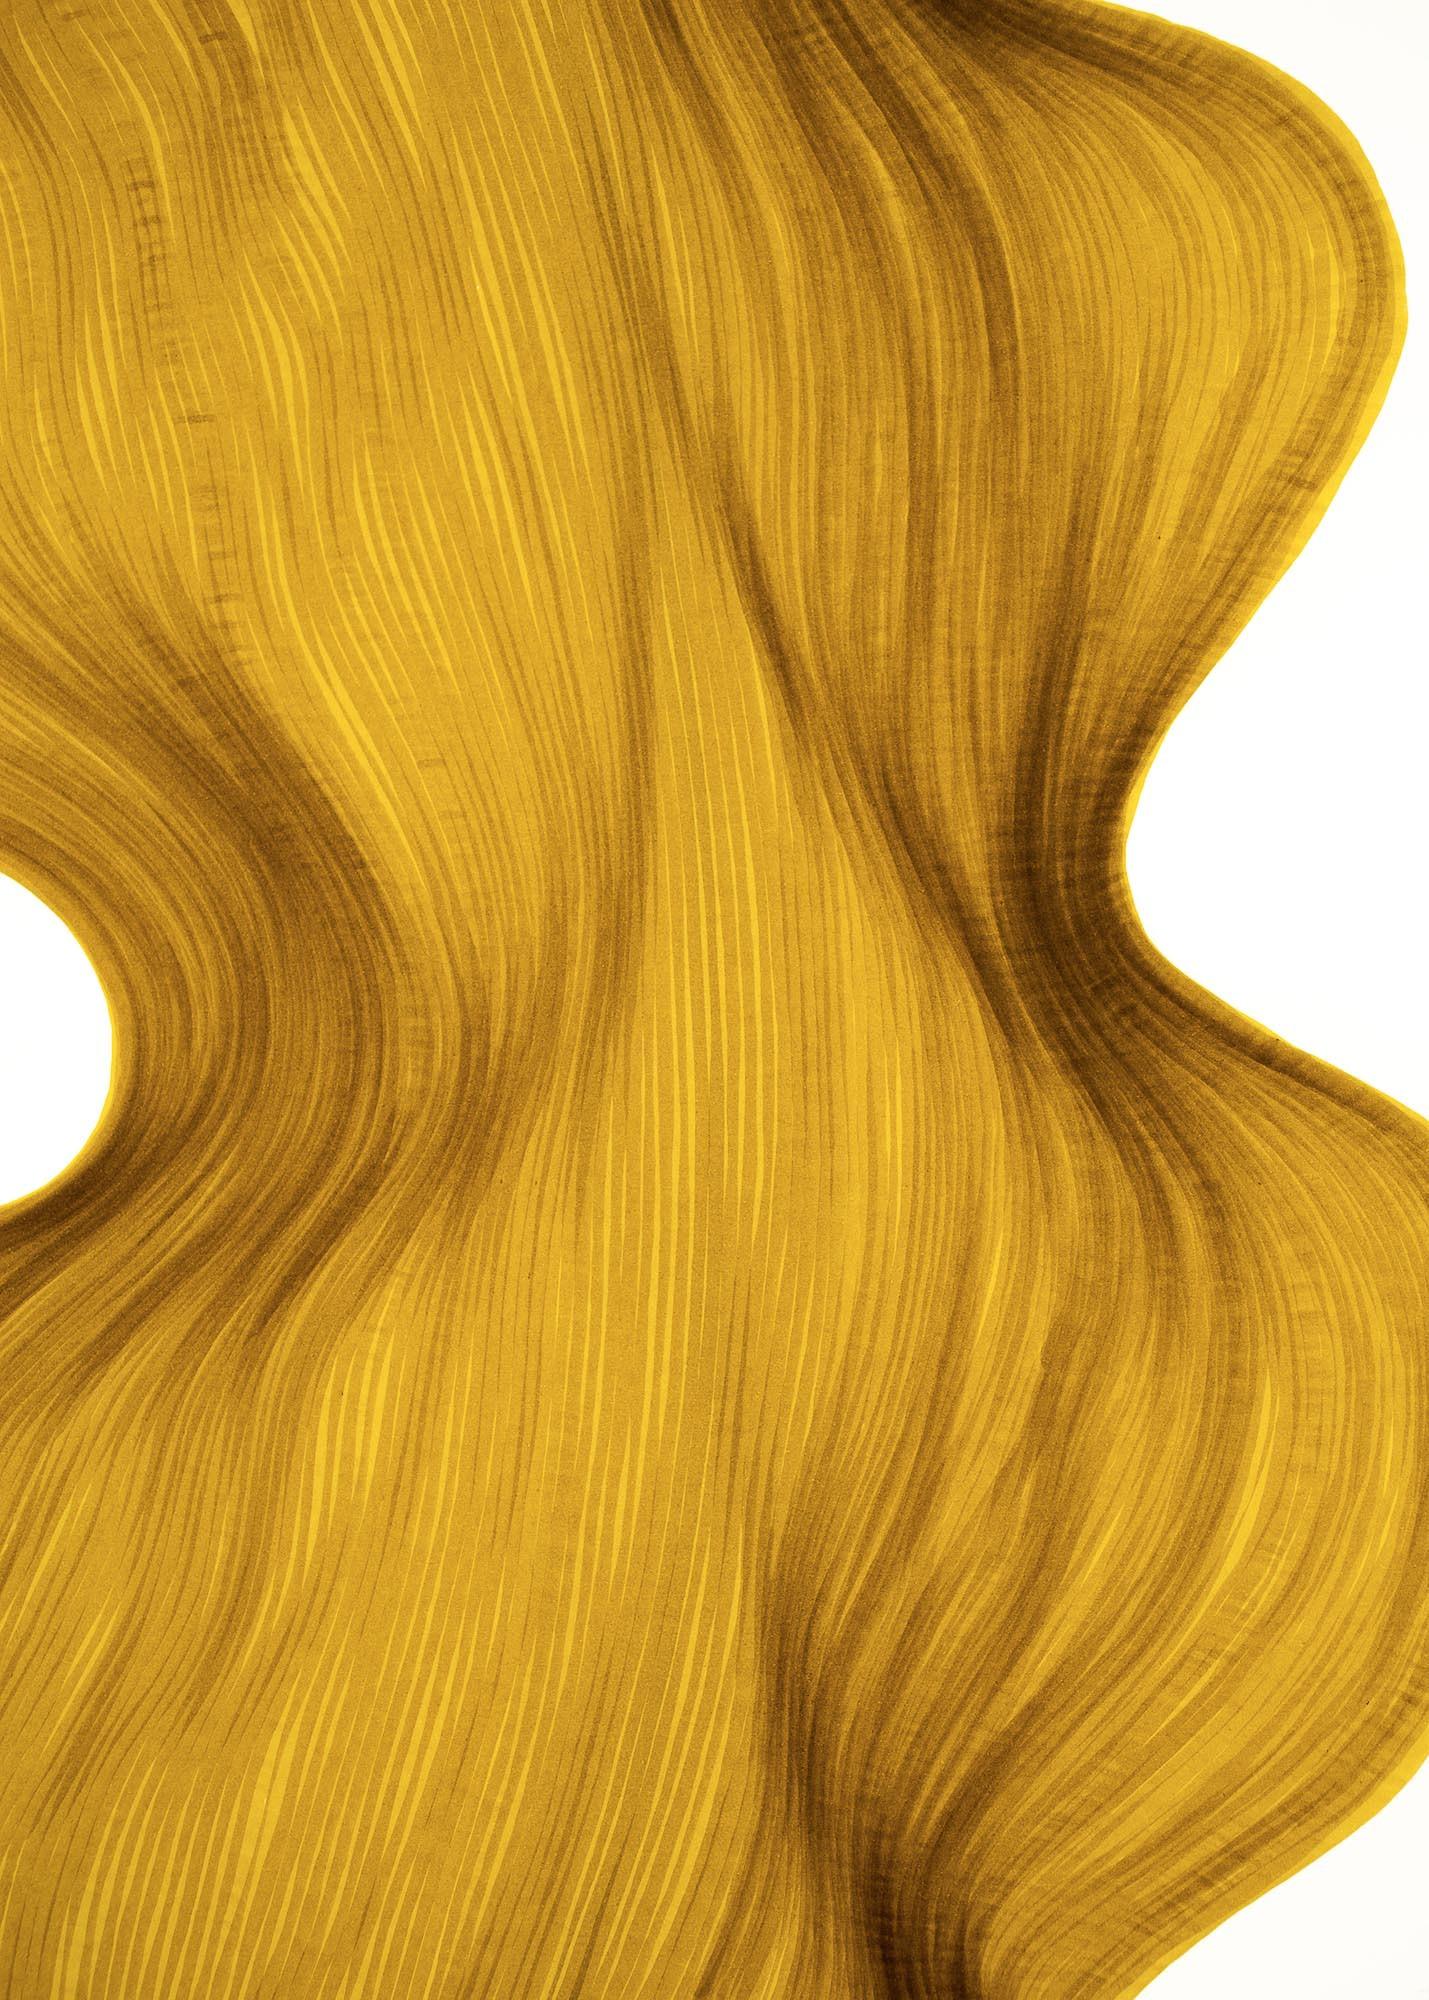 Old Gold | Lali Torma | Zeichnung | Kalligraphie Tinte auf Papier - Detail